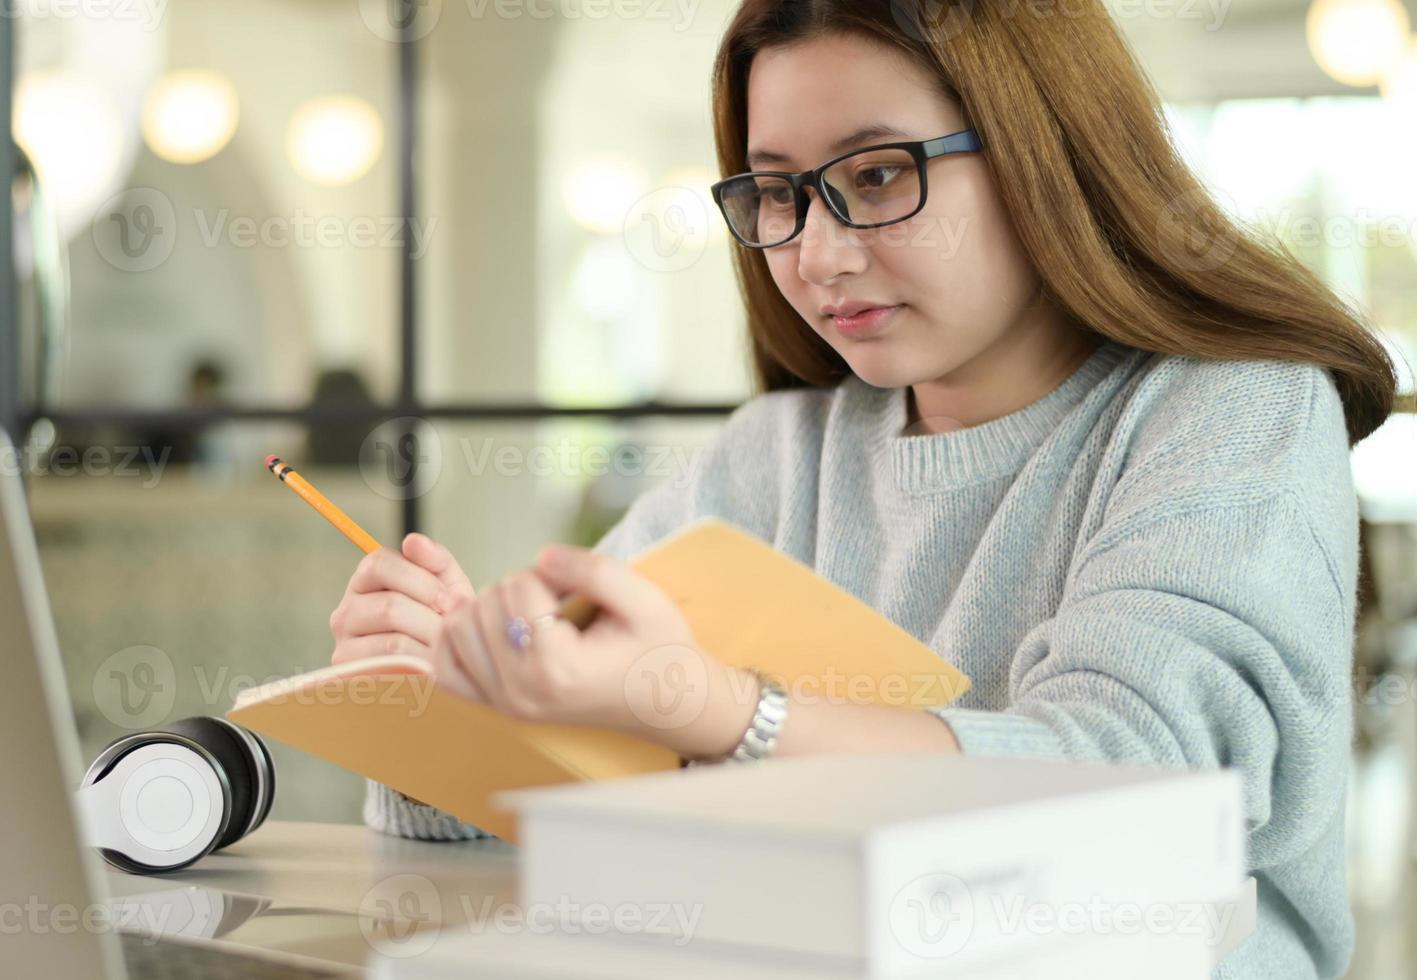 tonårskvinnlig student som bär glasögon studerar online från bärbar dator. foto